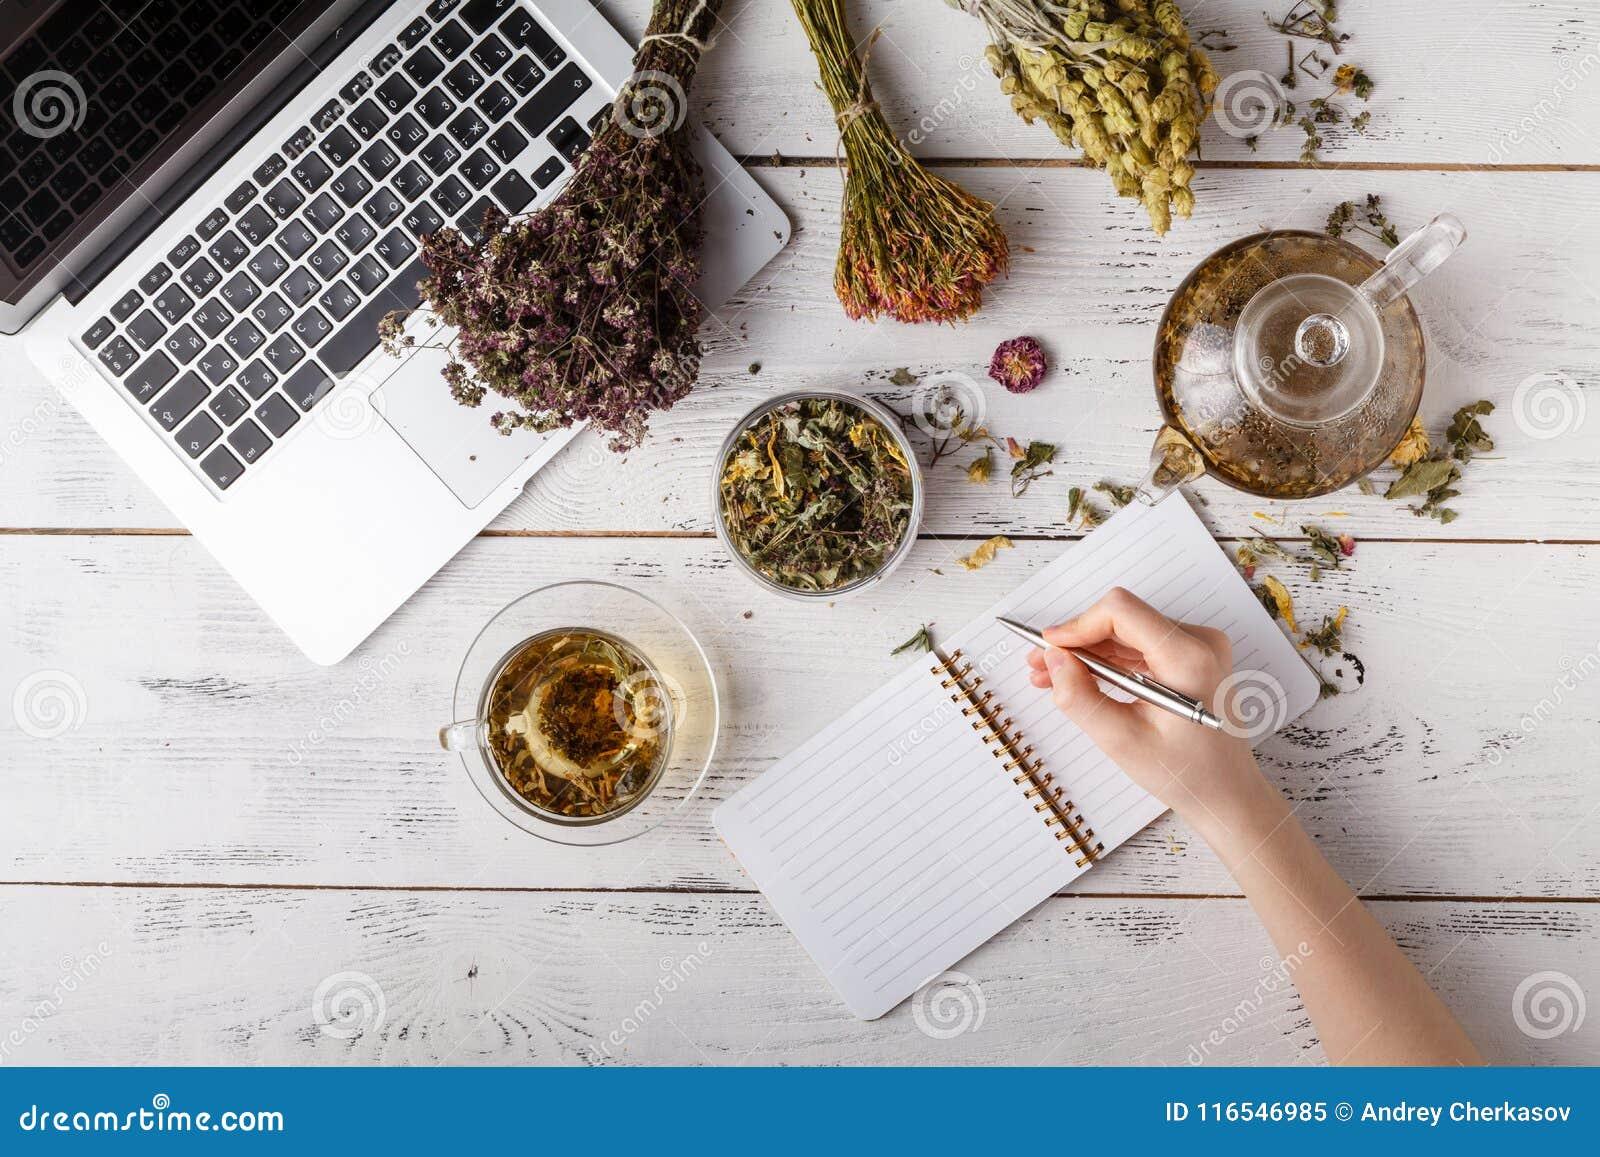 Natürliche Medizin Kräuter, medizinische Flaschen und altes Rezept buchen mit Kopienraum für Ihren Text